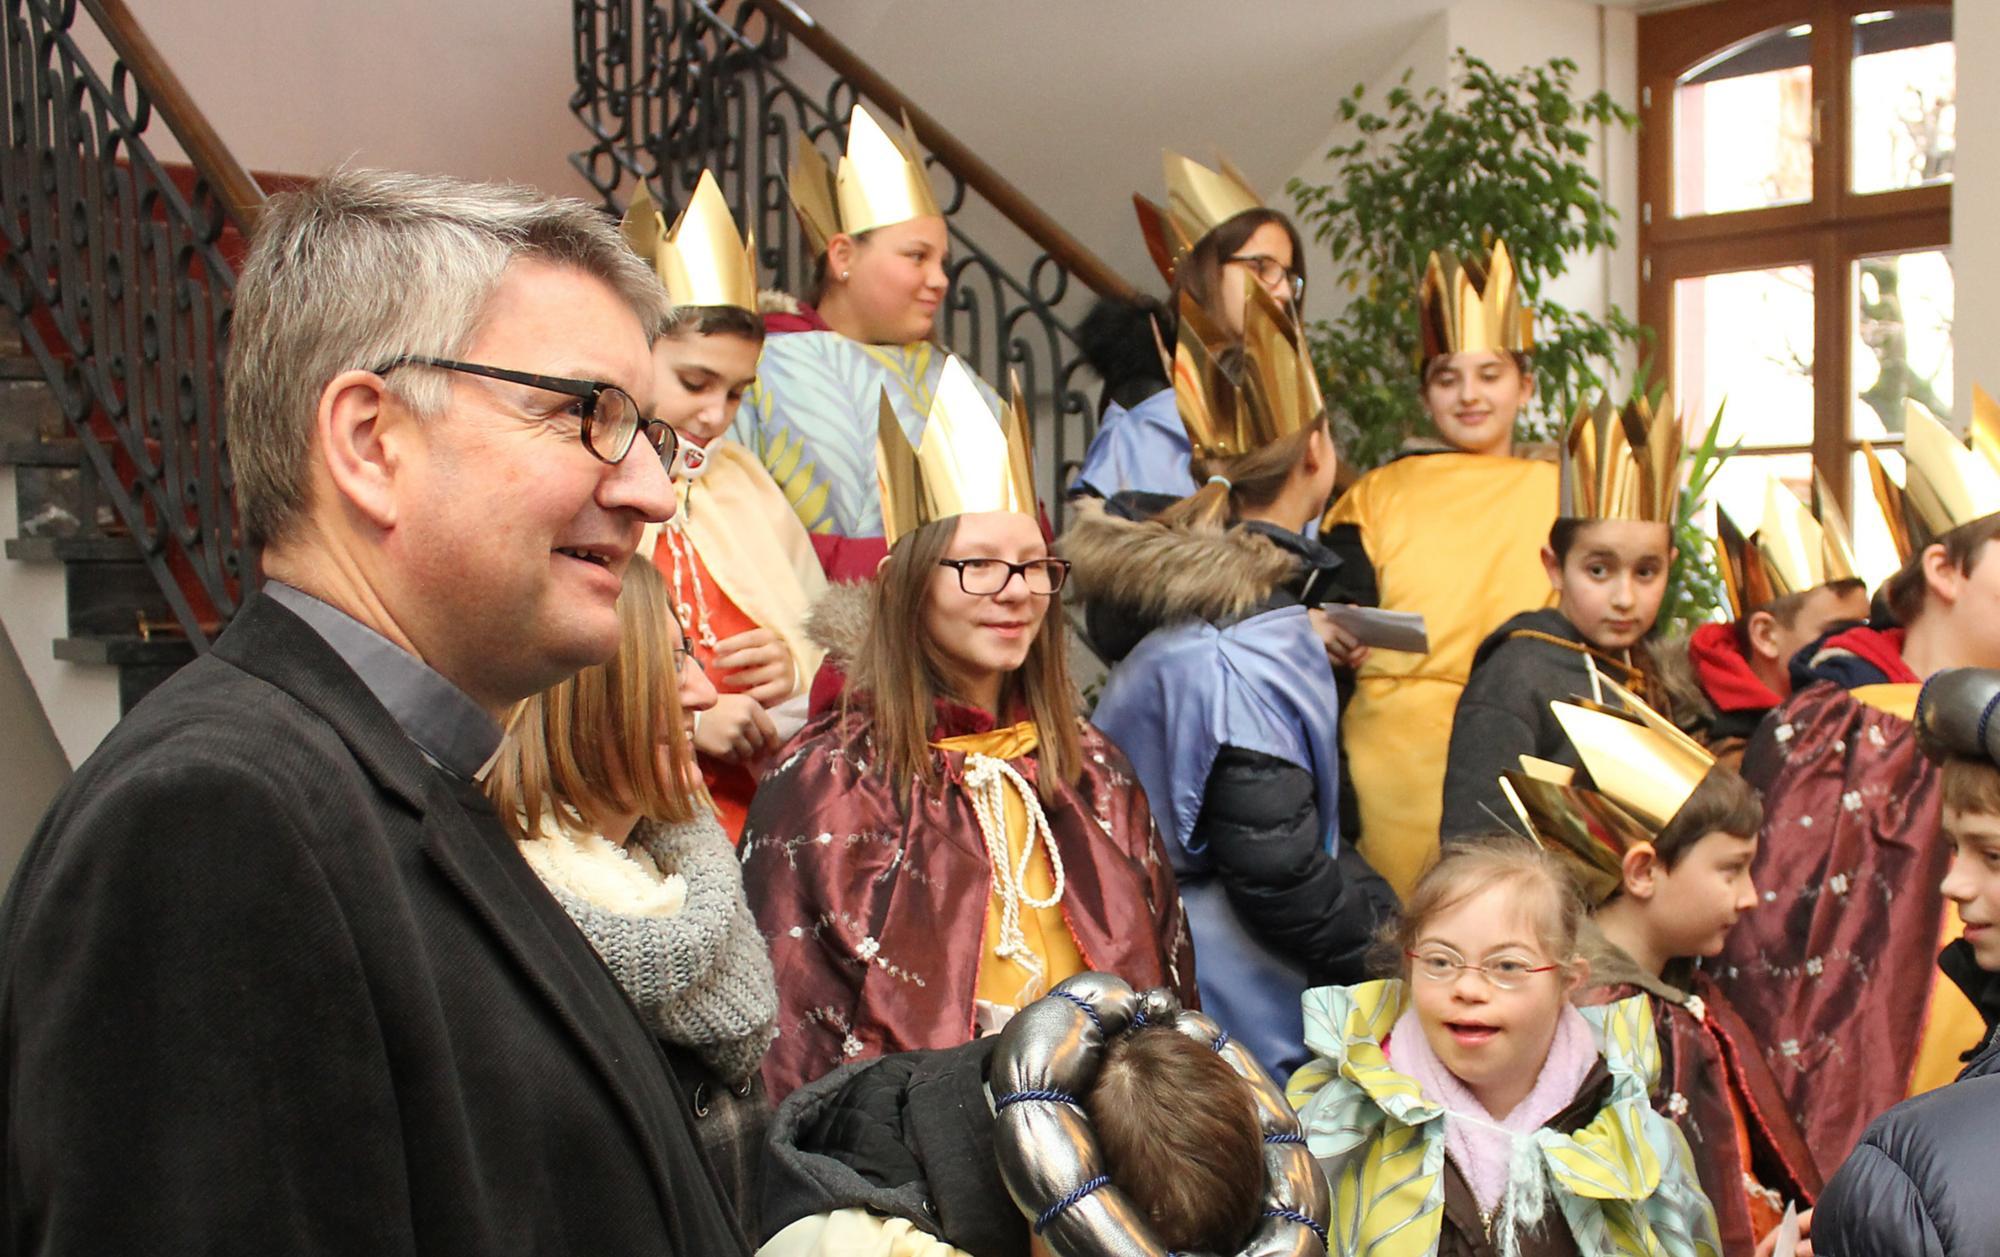 Bischof Kohlgraf empfing Sternsinger im Bischöflichen Ordinariat (c) Bistum Mainz / Matschak